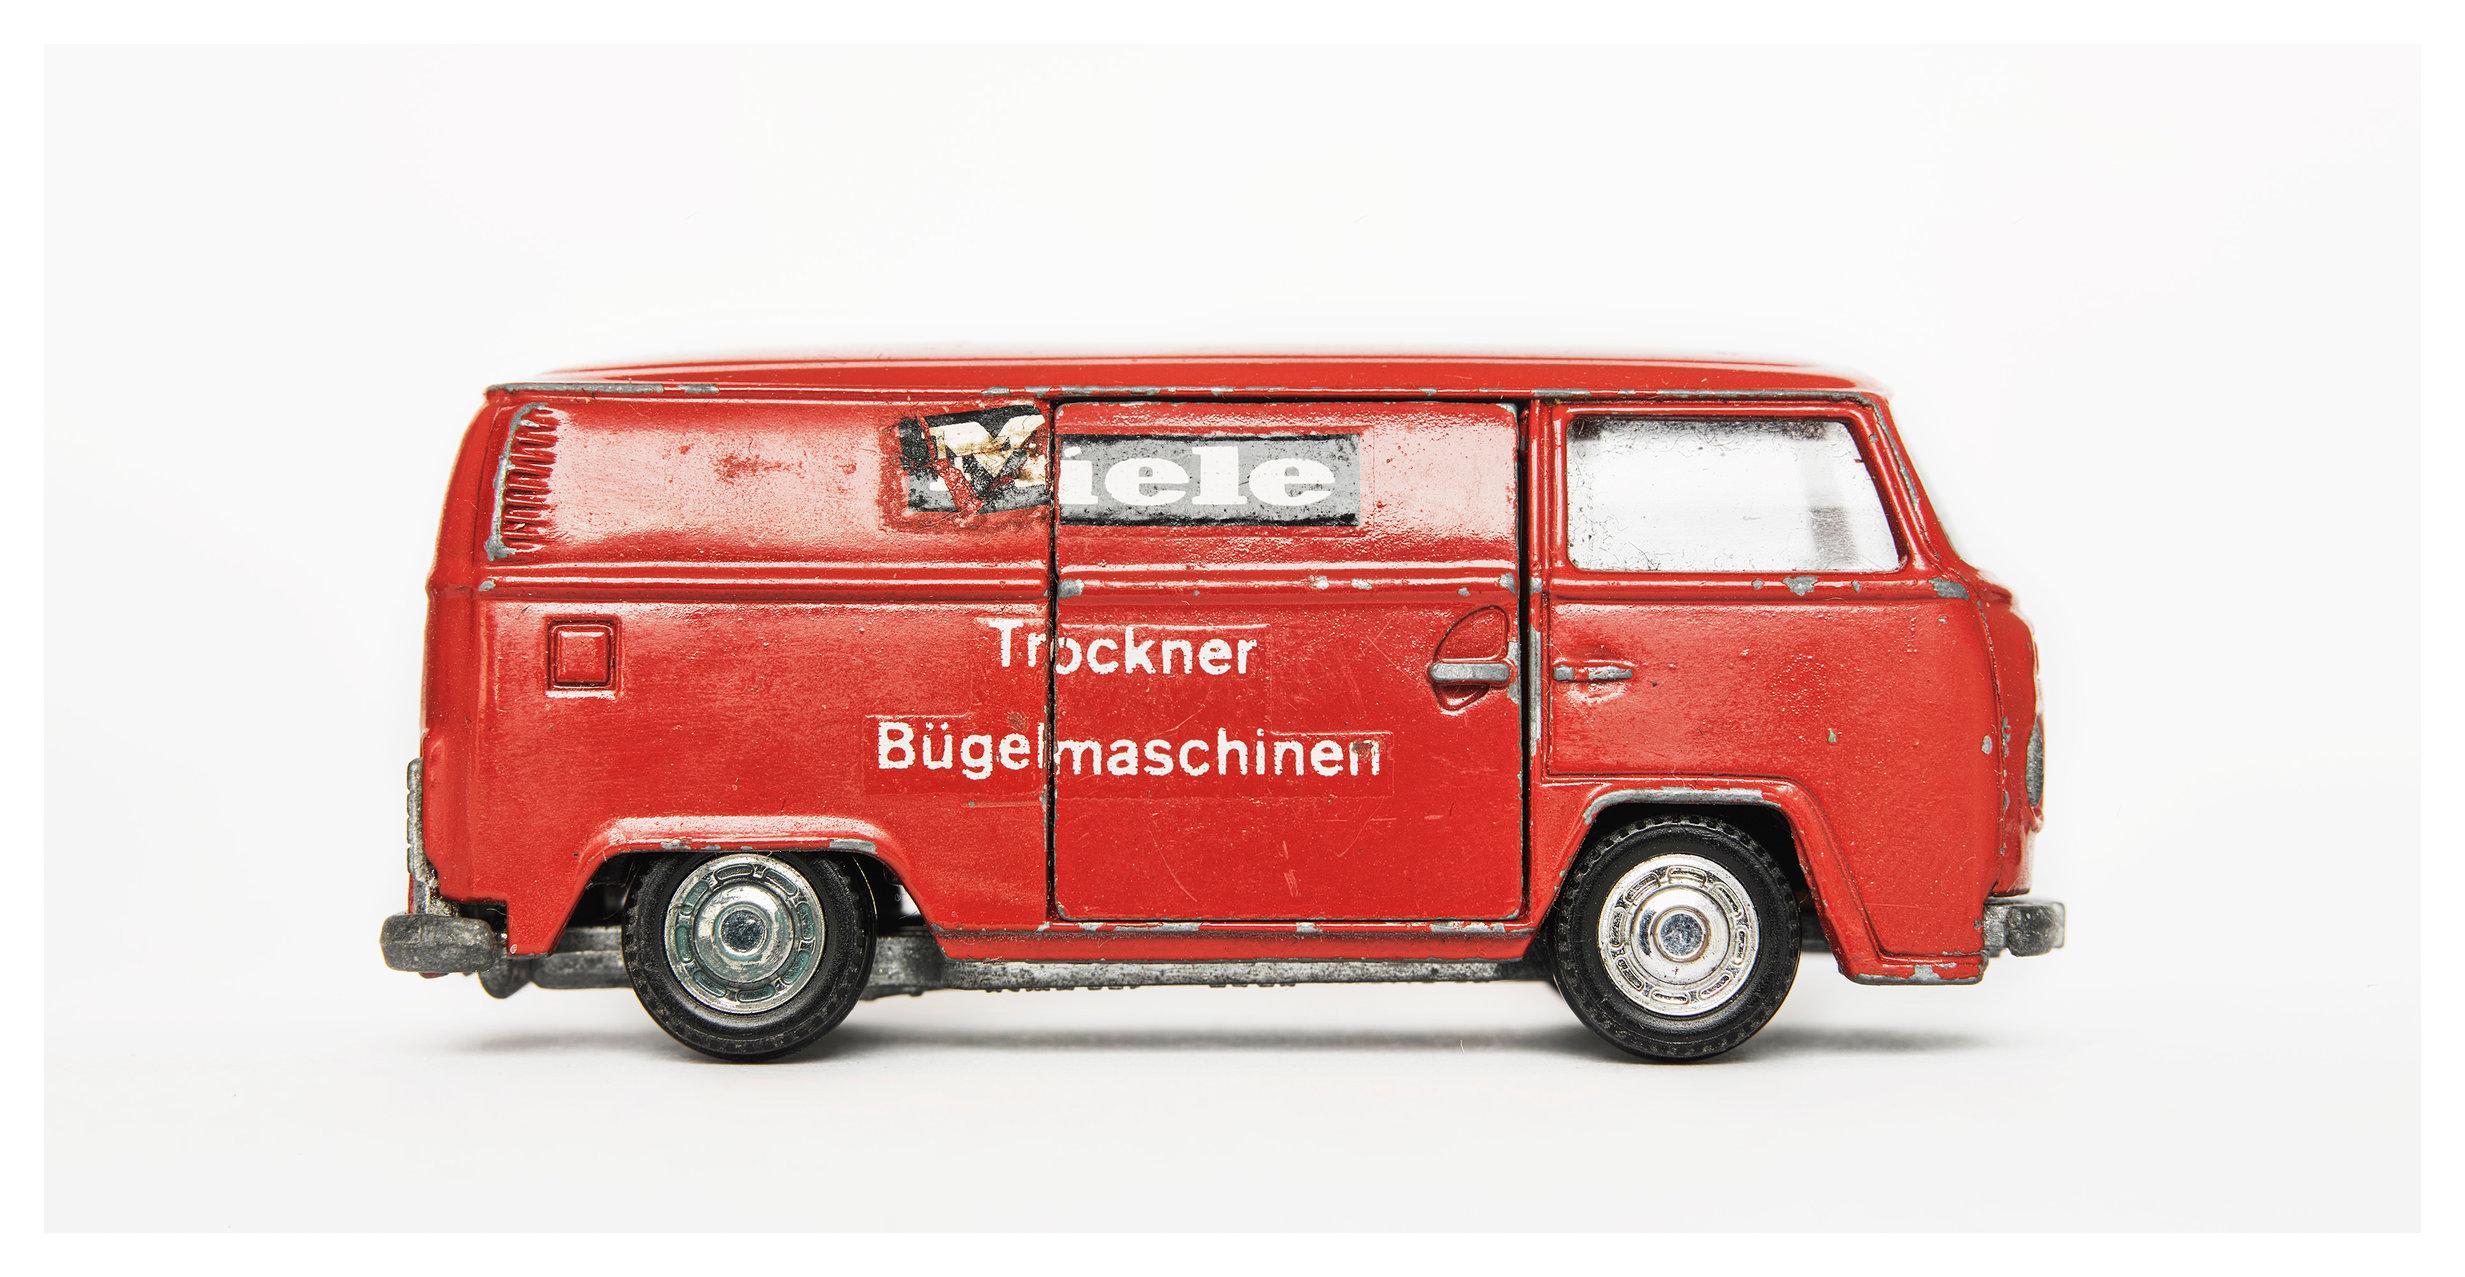 mielebus_s.jpg